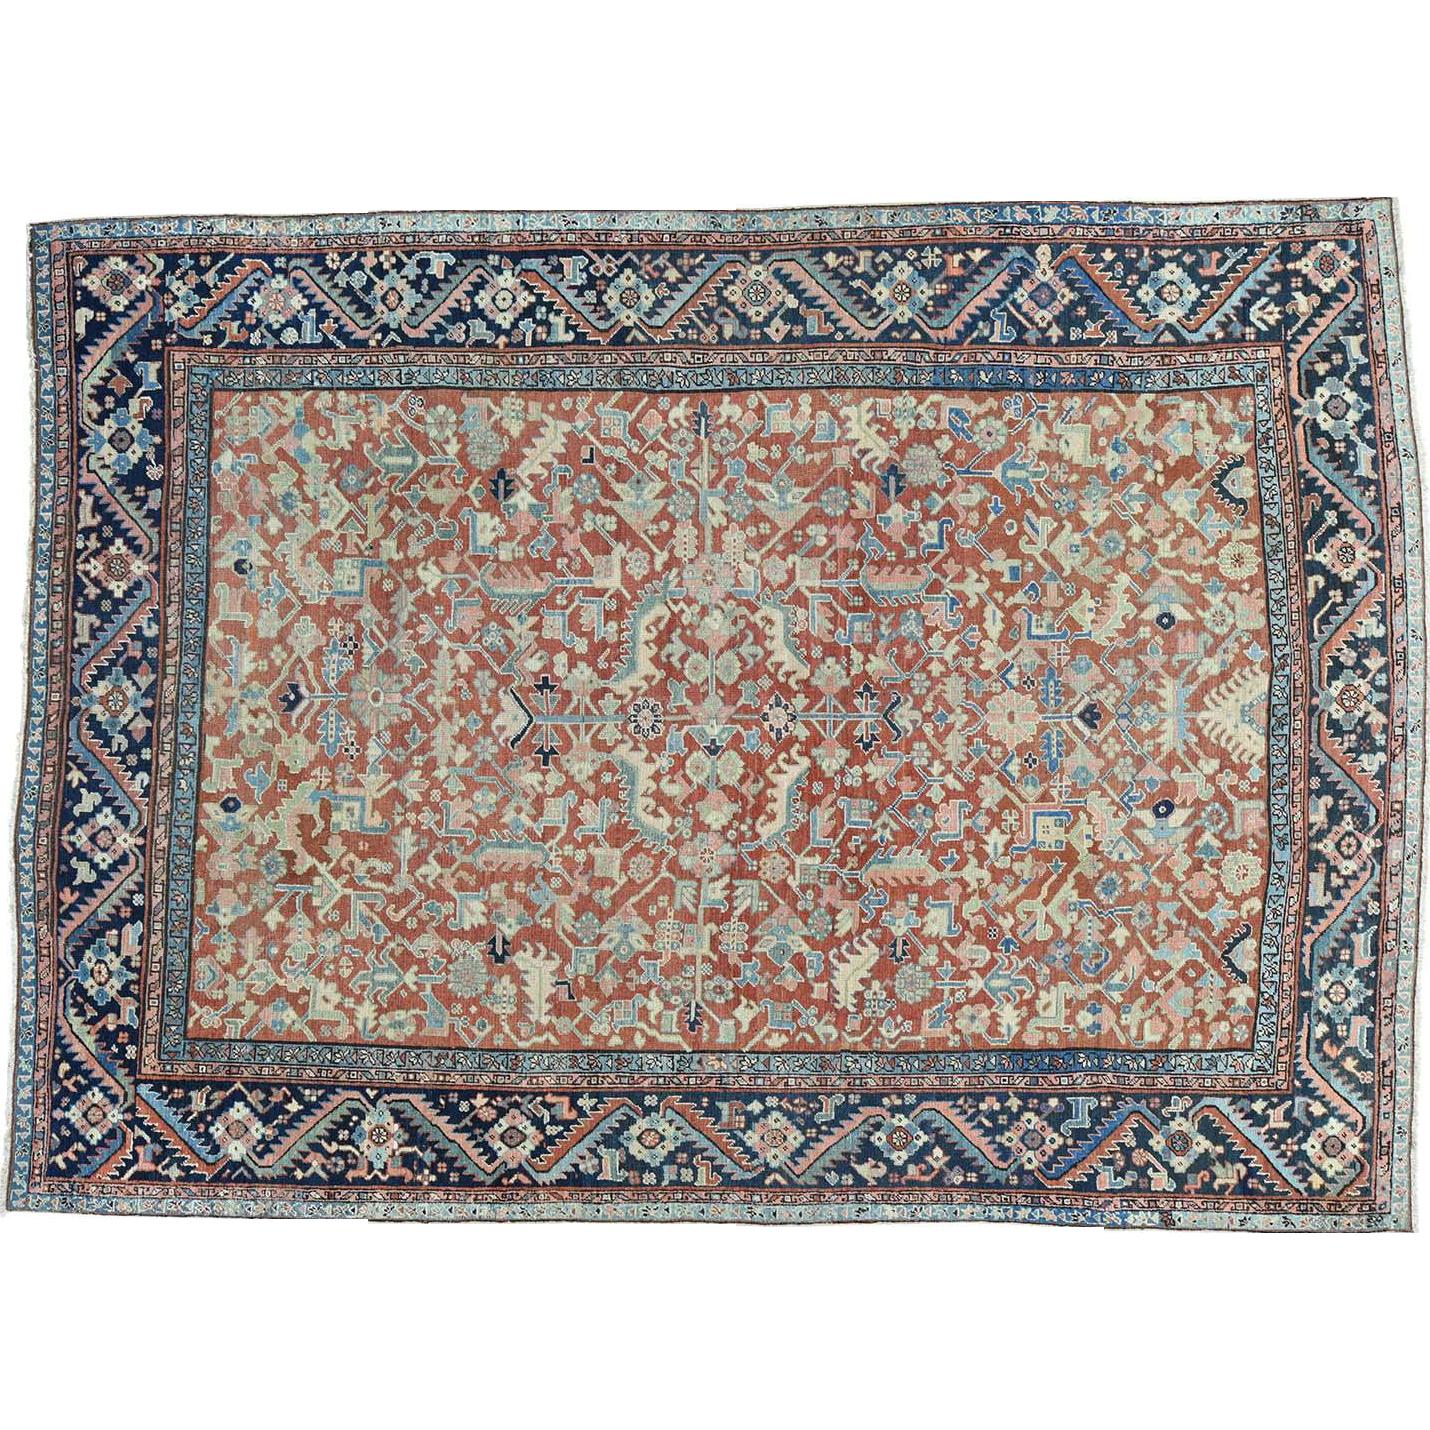 Vintage Persian Heriz Design Wool Area Rug: Antique Persian Heriz All Over Design Oriental Even Wear